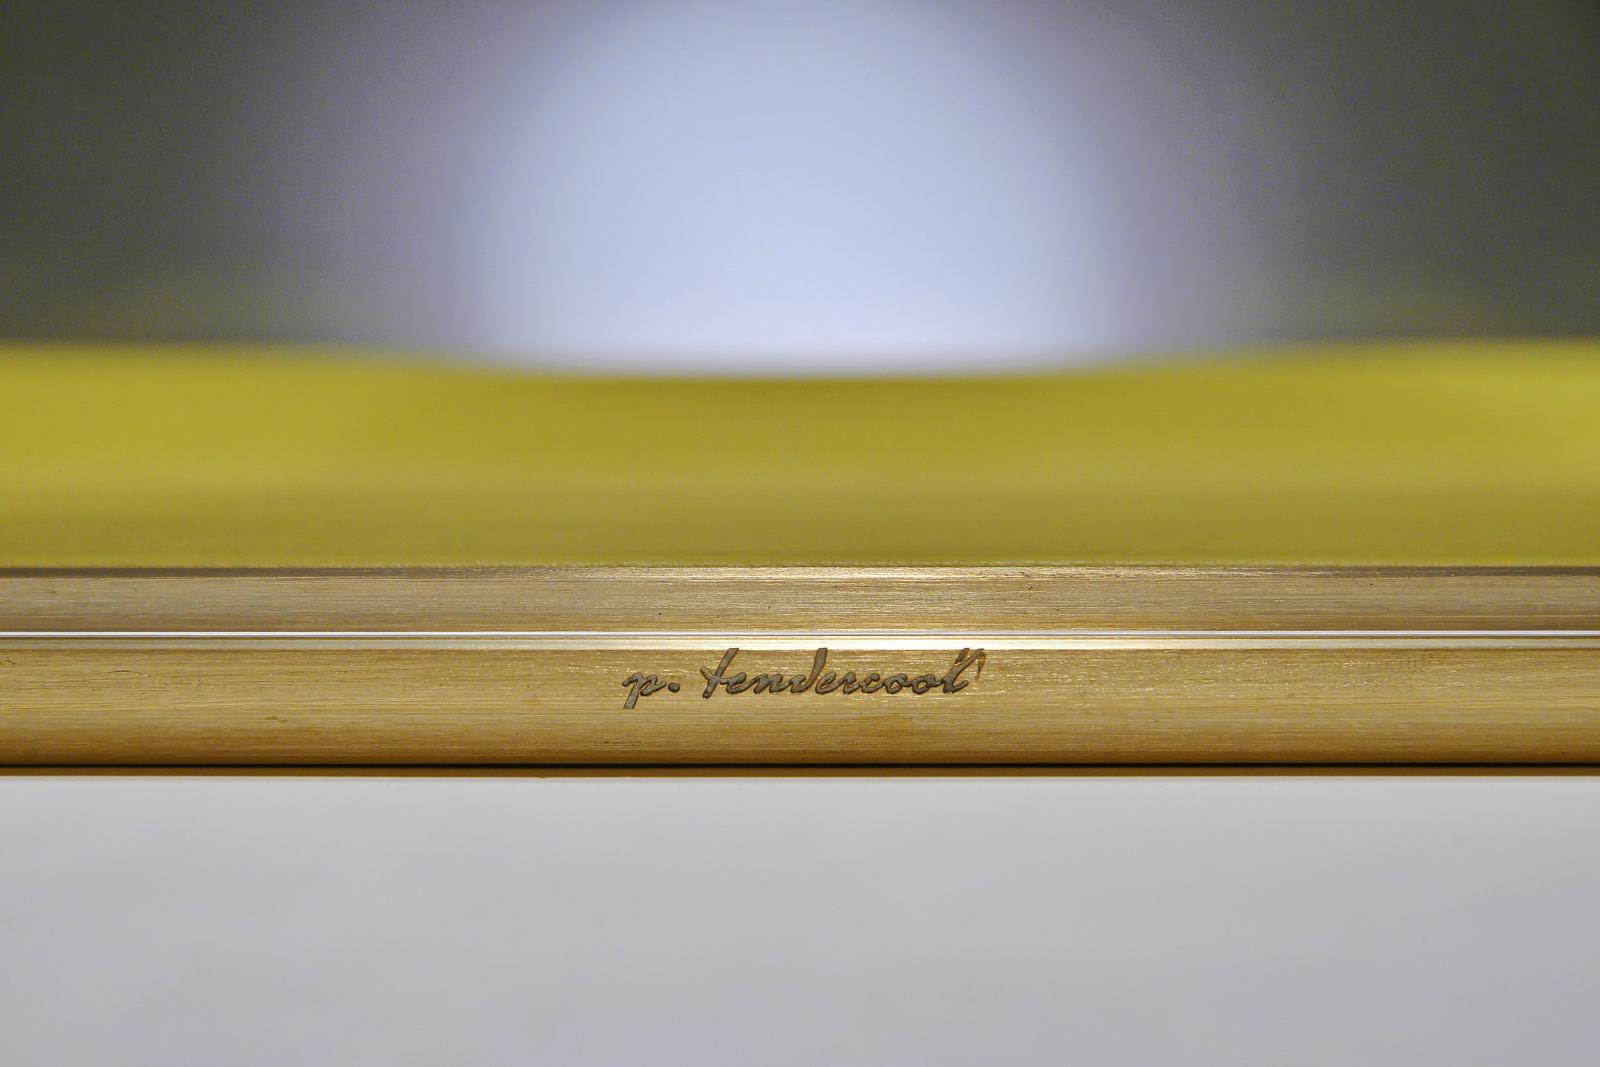 PTendercool-Display Vase-BS1-Yellow-190212-02